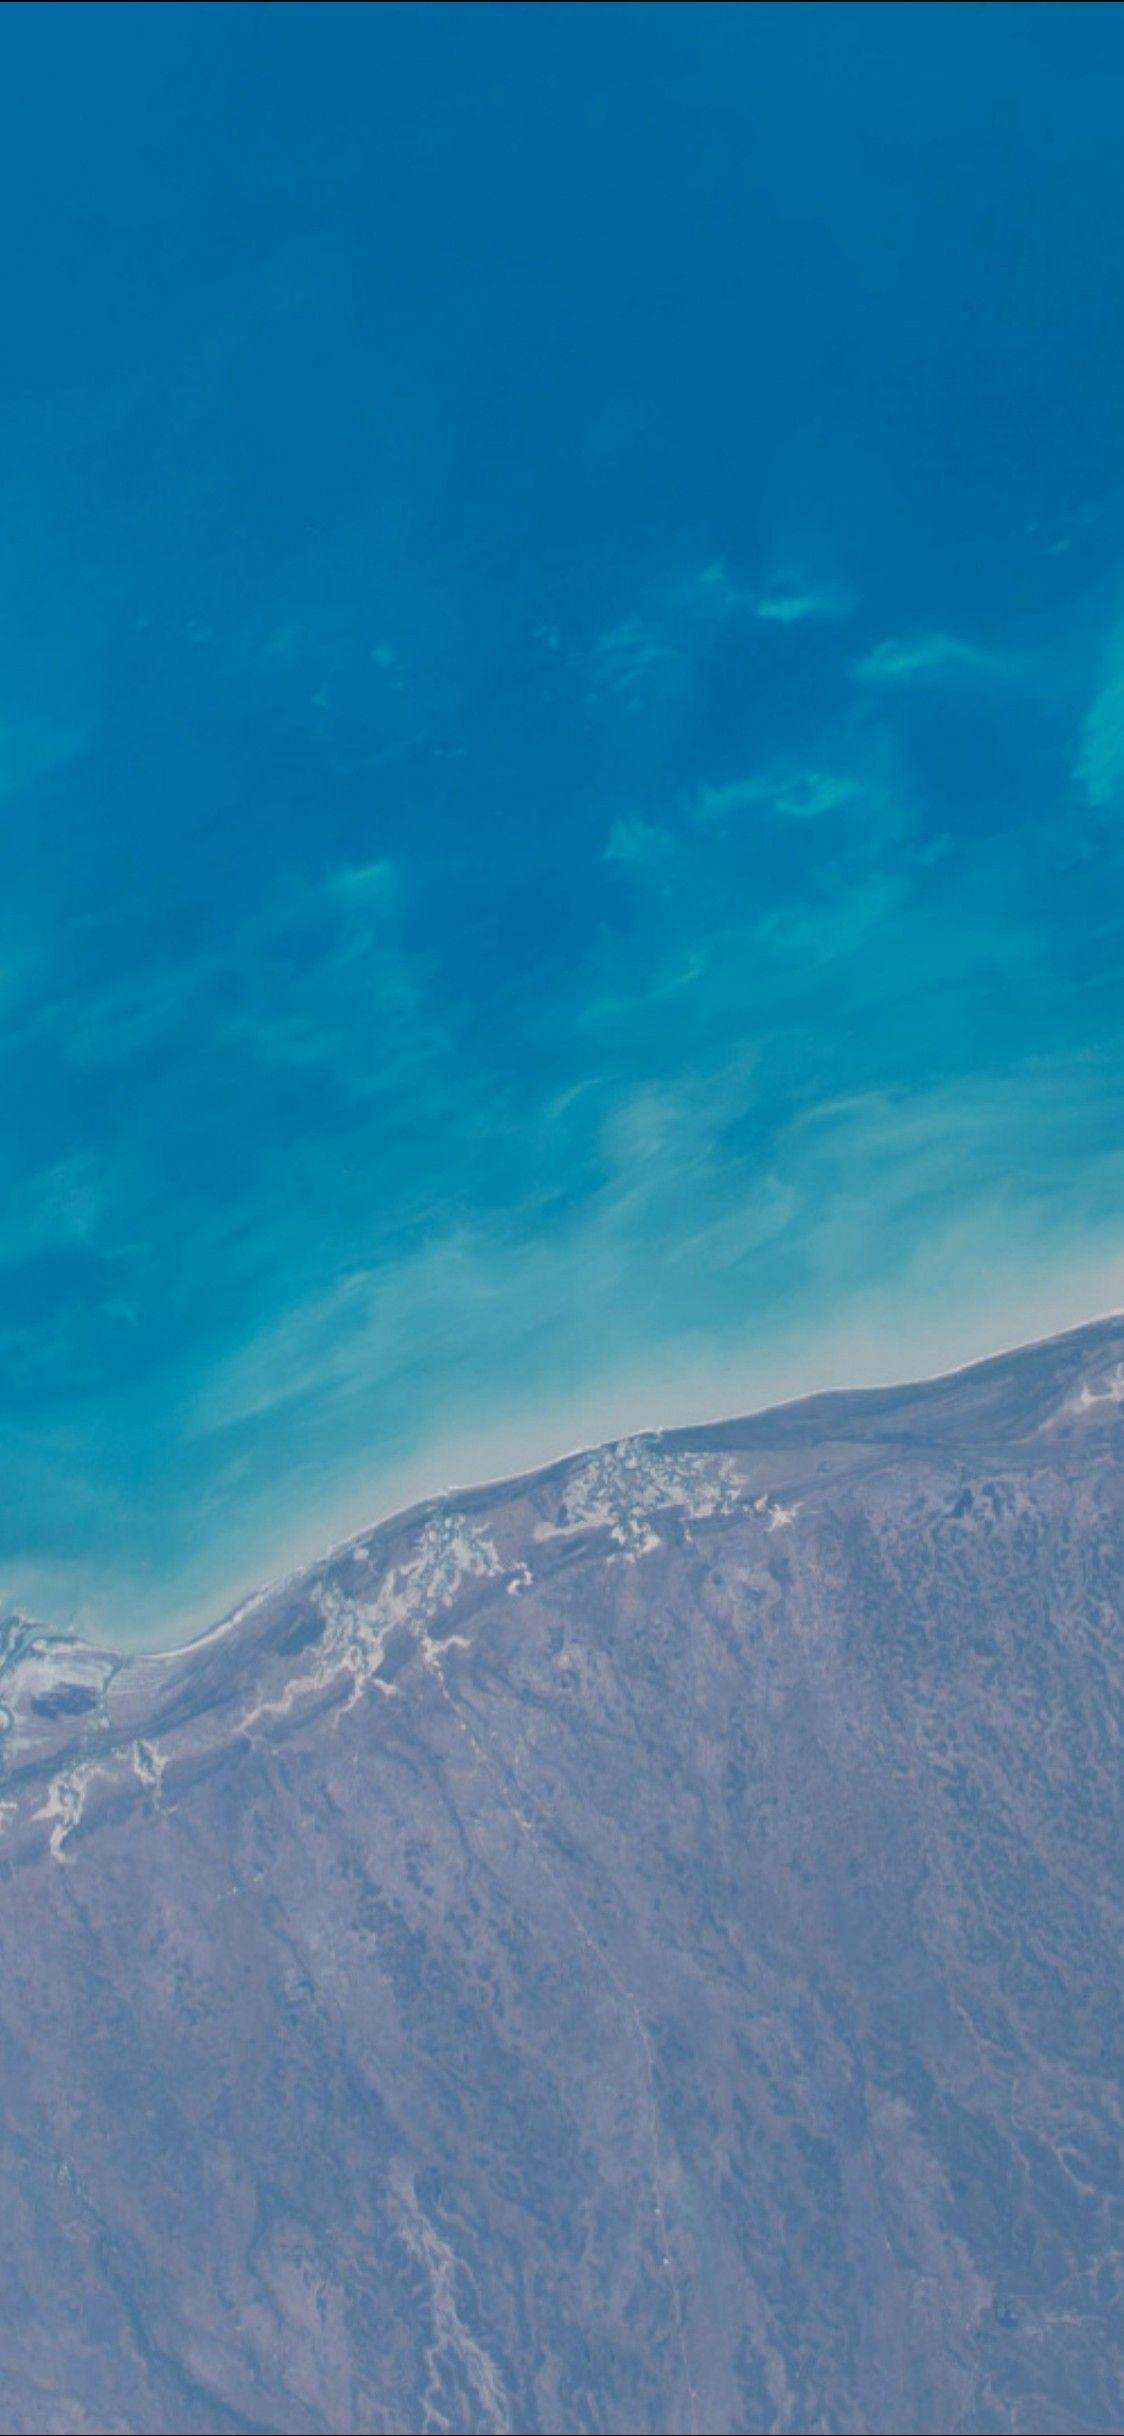 Ios 11 Iphone X Aqua Blue Water Beach Wave Ocean Apple Wallpaper Iphone 8 Clean Beauty Colour Iphone Wallpaper Ios 11 Wallpaper Hipster Wallpaper